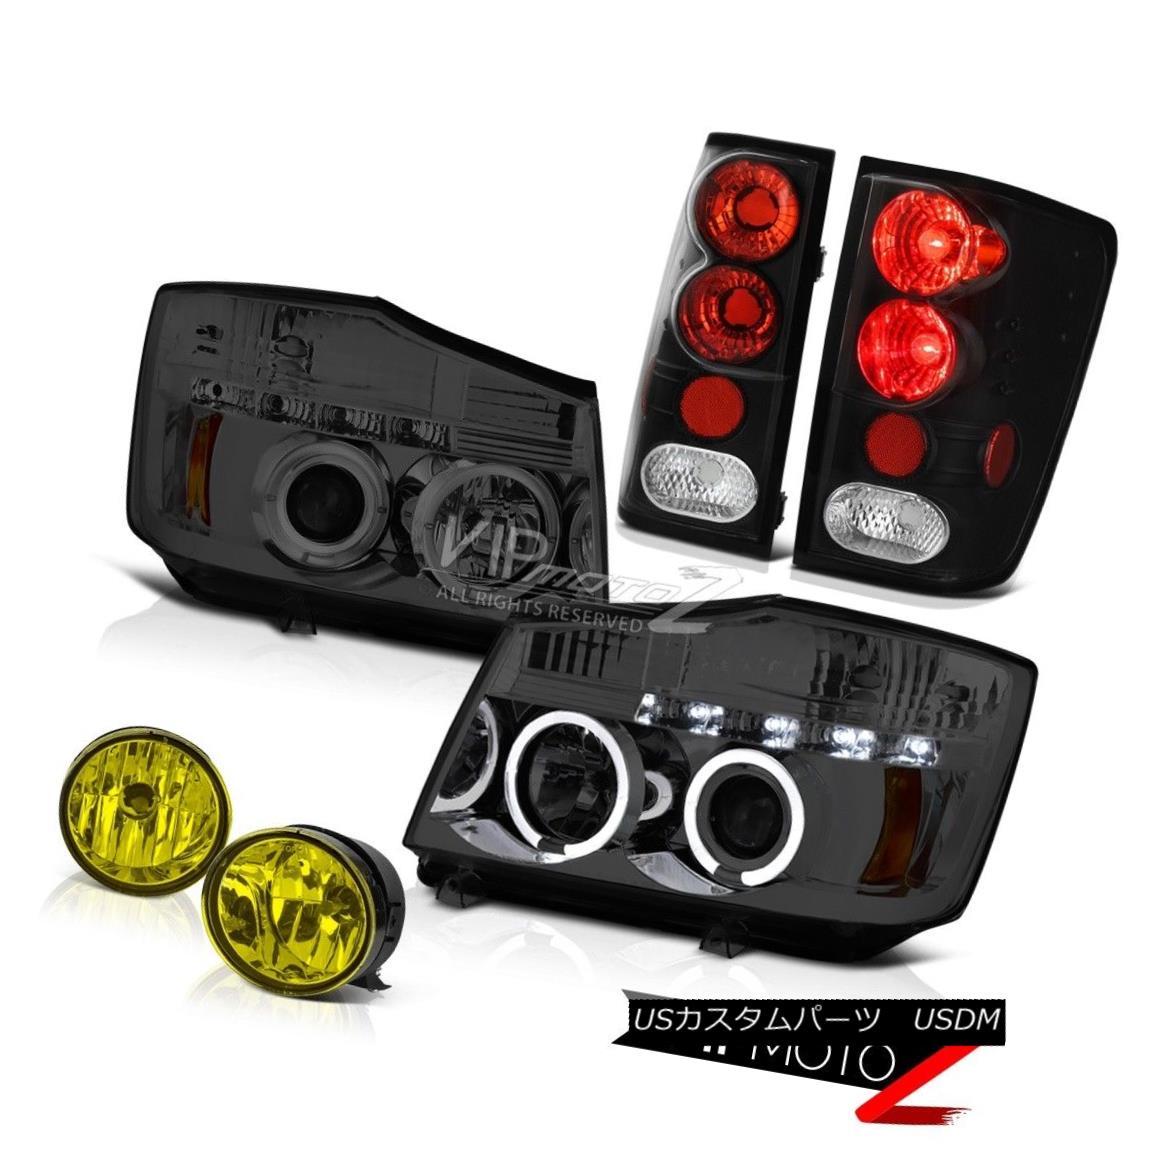 ヘッドライト For 2004-2015 09 10 11 Titan XE Halo LED Headlights Black Tail Light Yellow Fog 2004?2015年09 10 11 Titan XE Haloヘッドライトブラックテールライトイエローフォグ